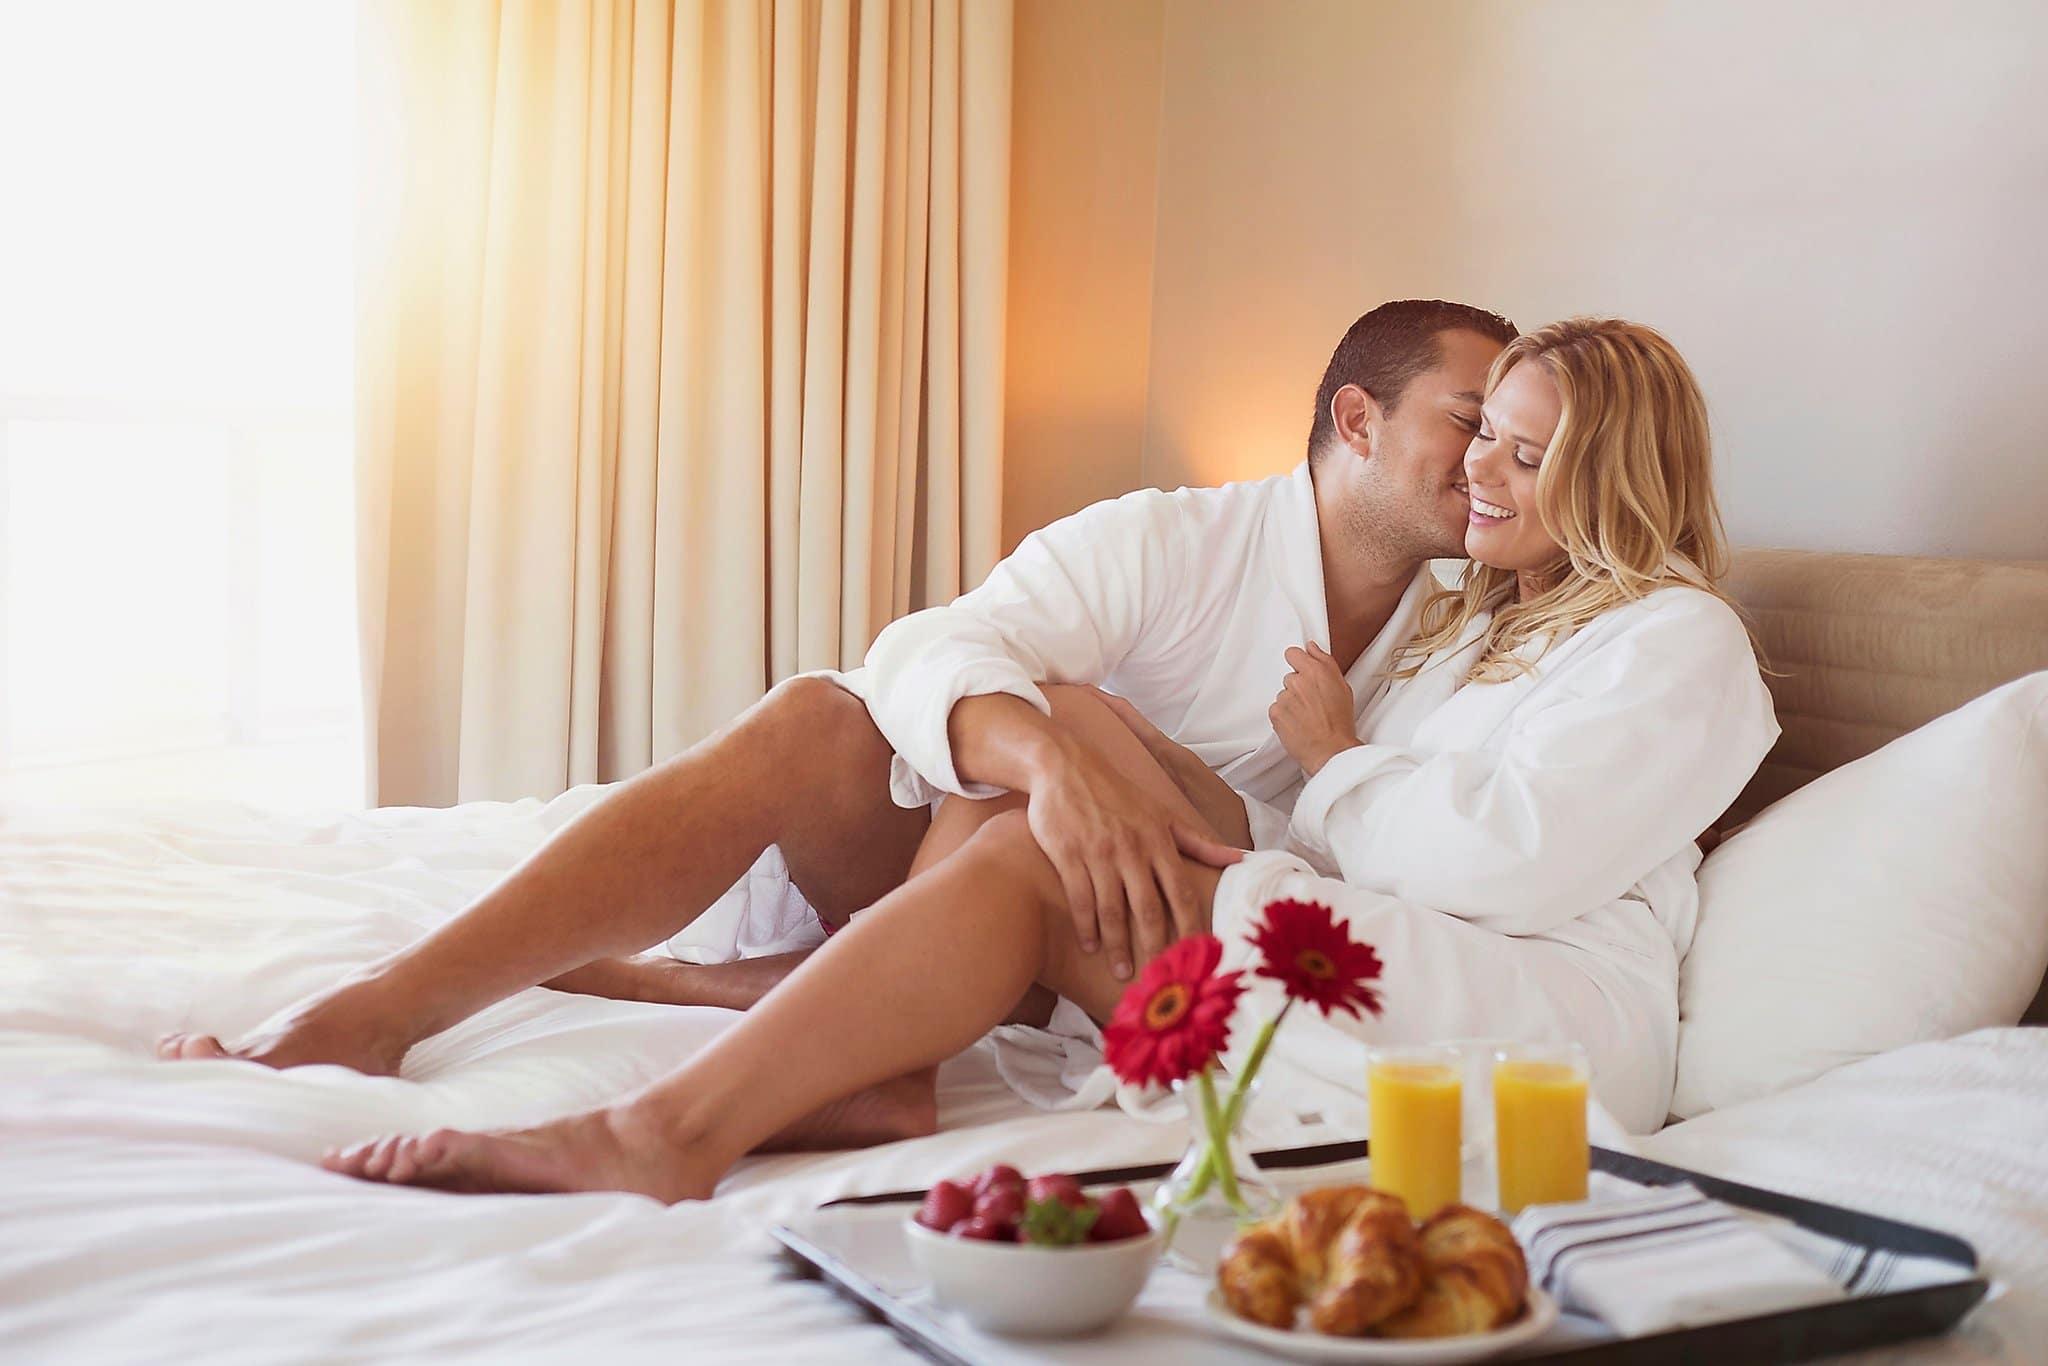 Buổi sáng là thời điểm đàn ông ham muốn quan hệ cao